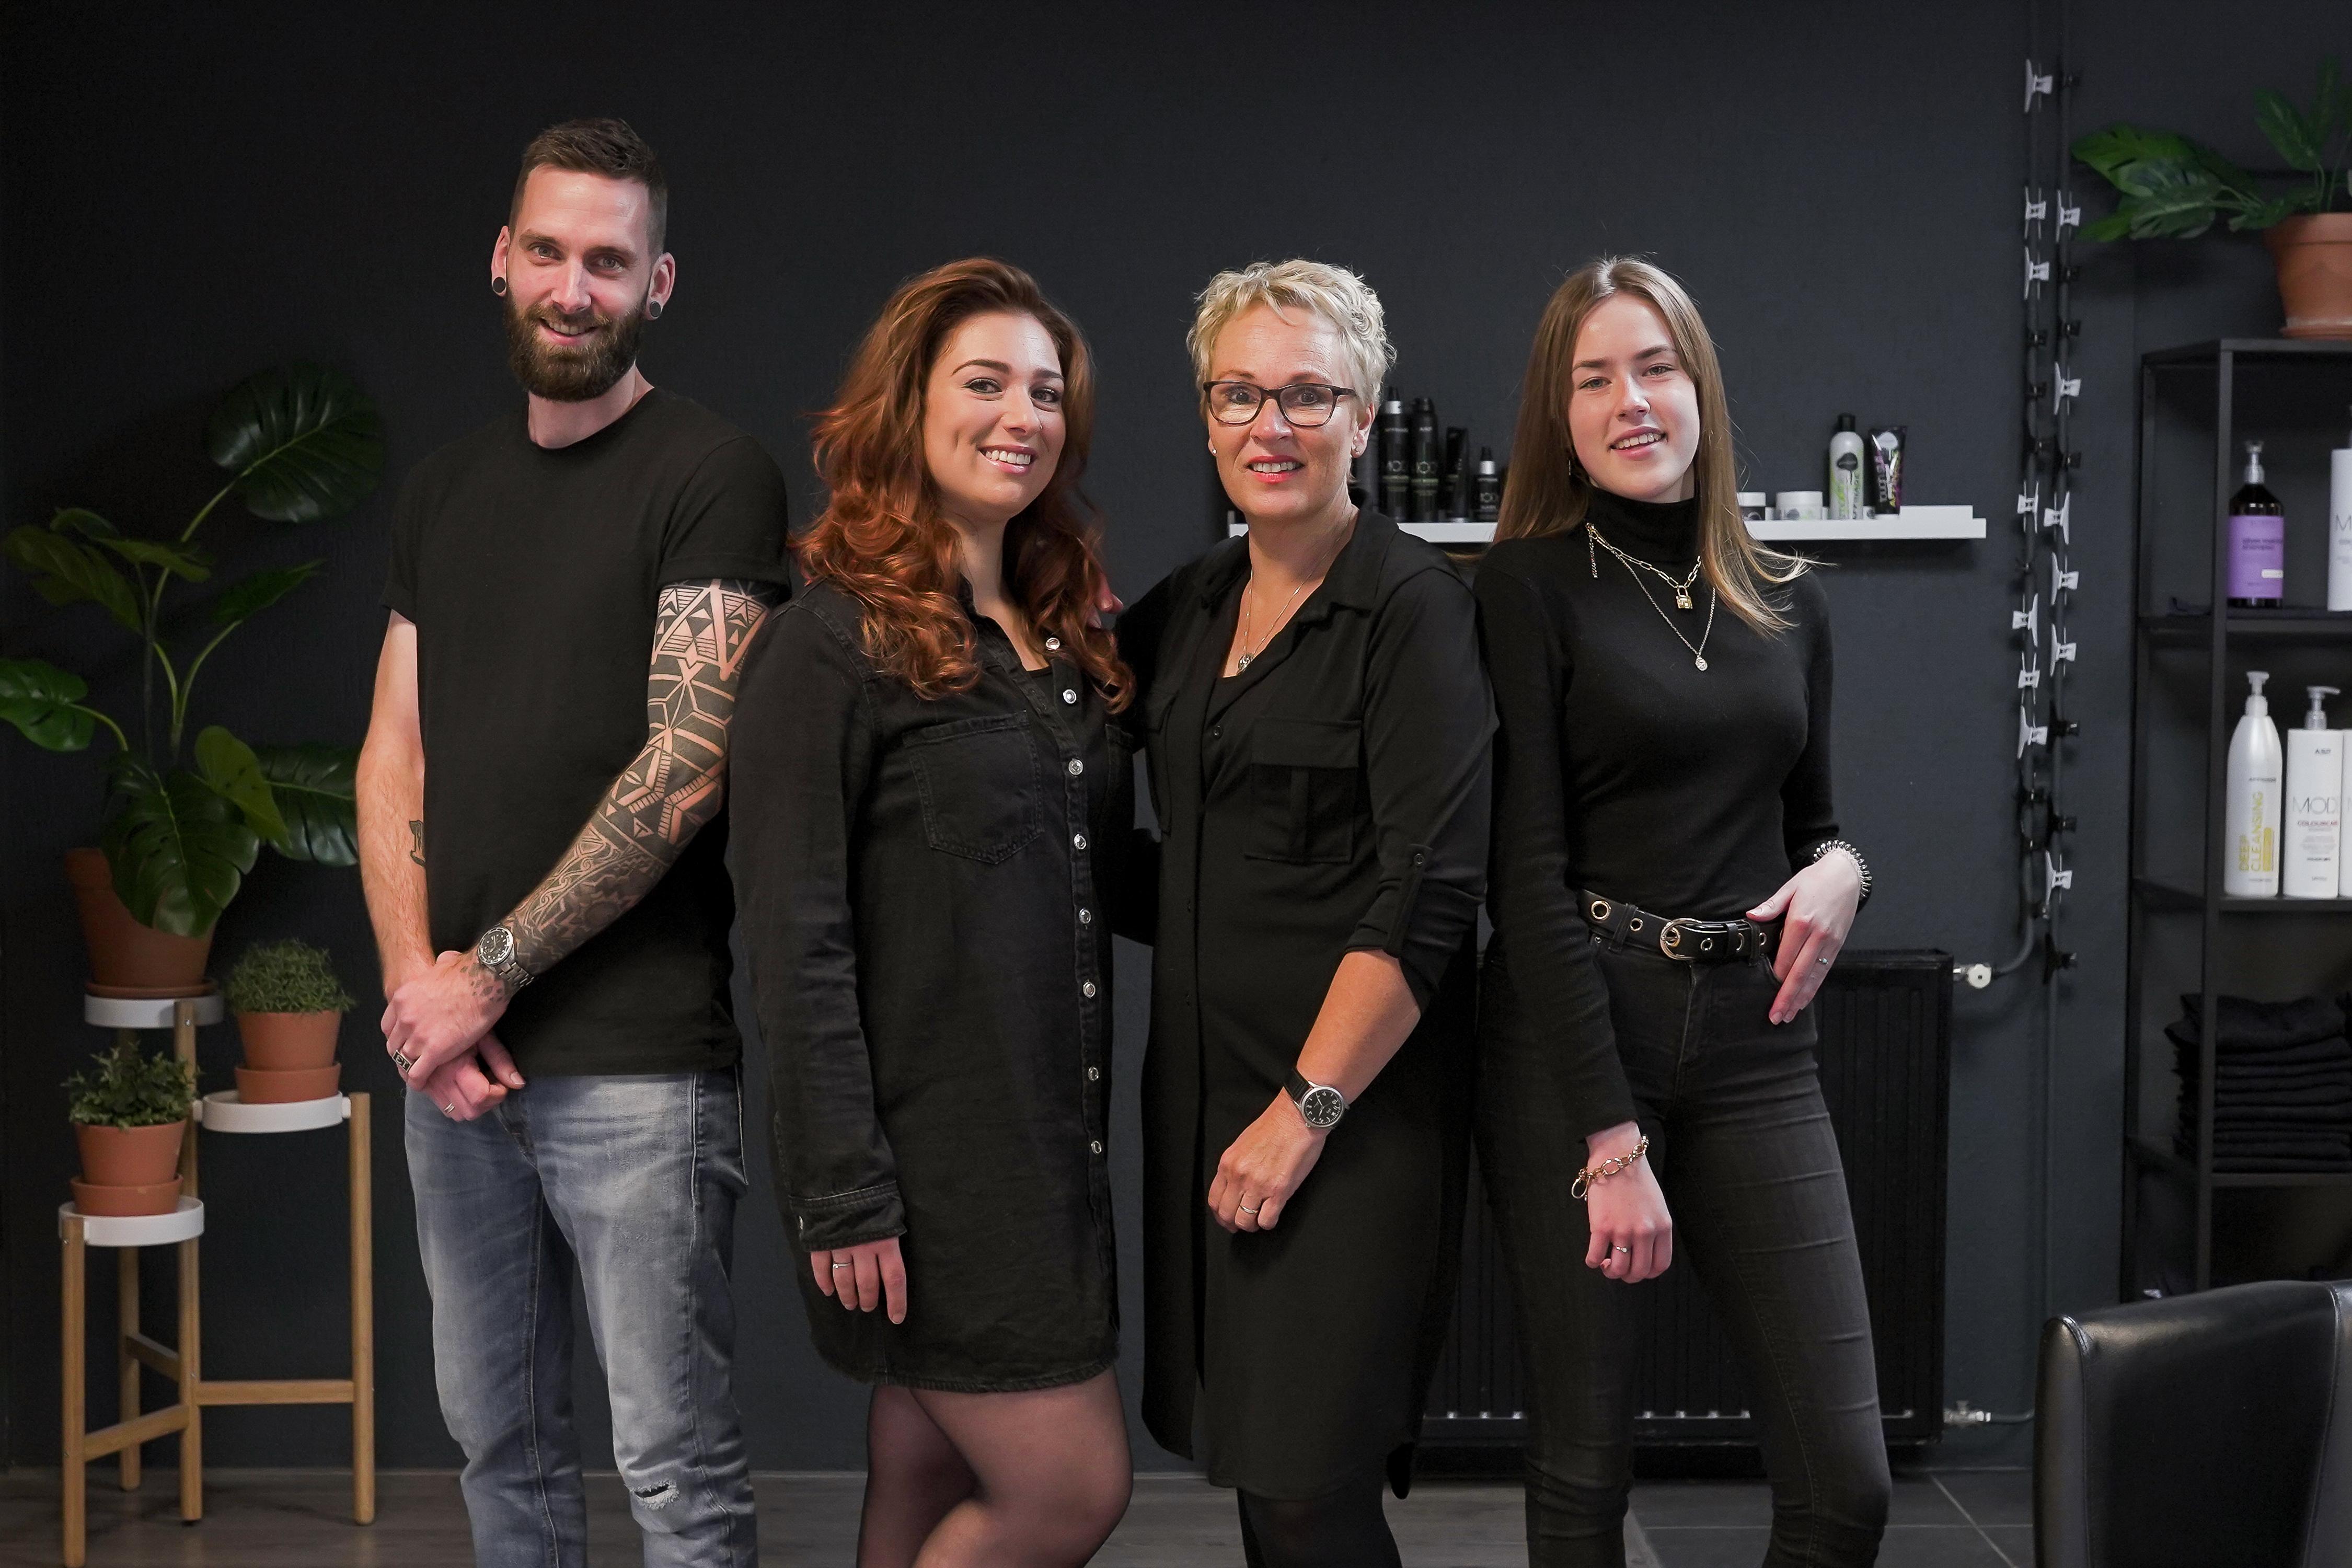 Het team van kapsalon Hairbitat